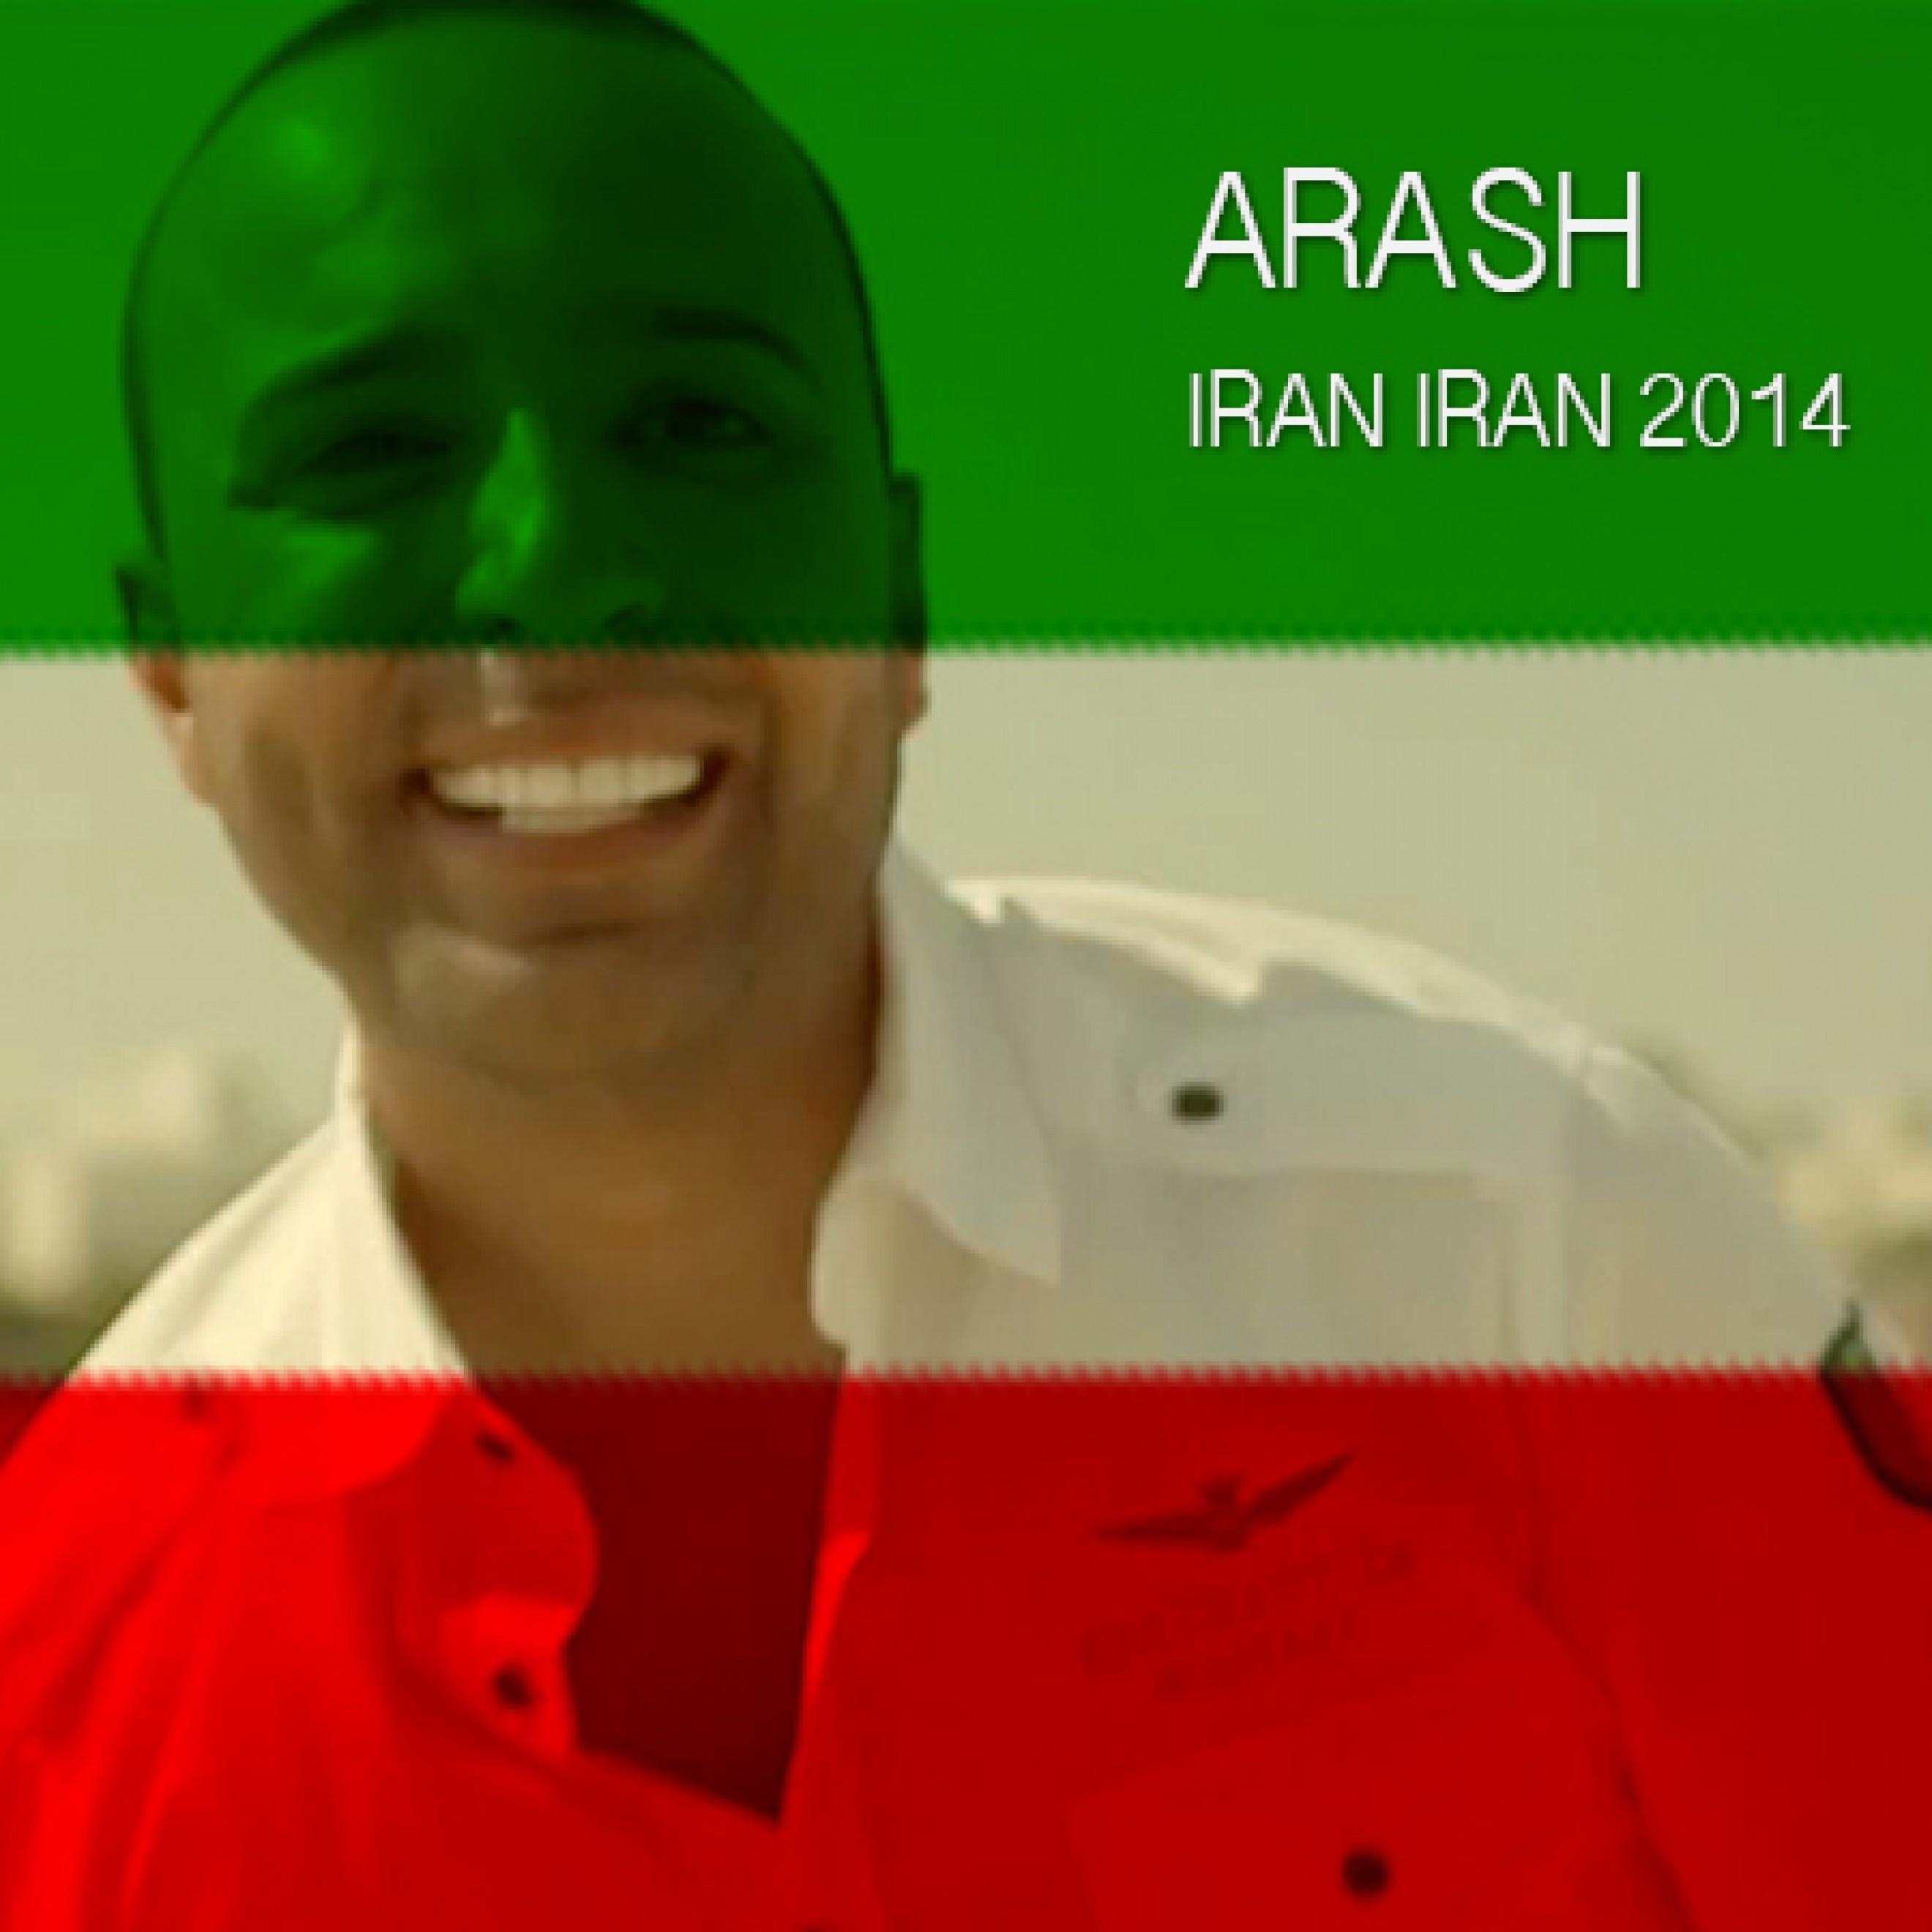 Iran Iran 2014